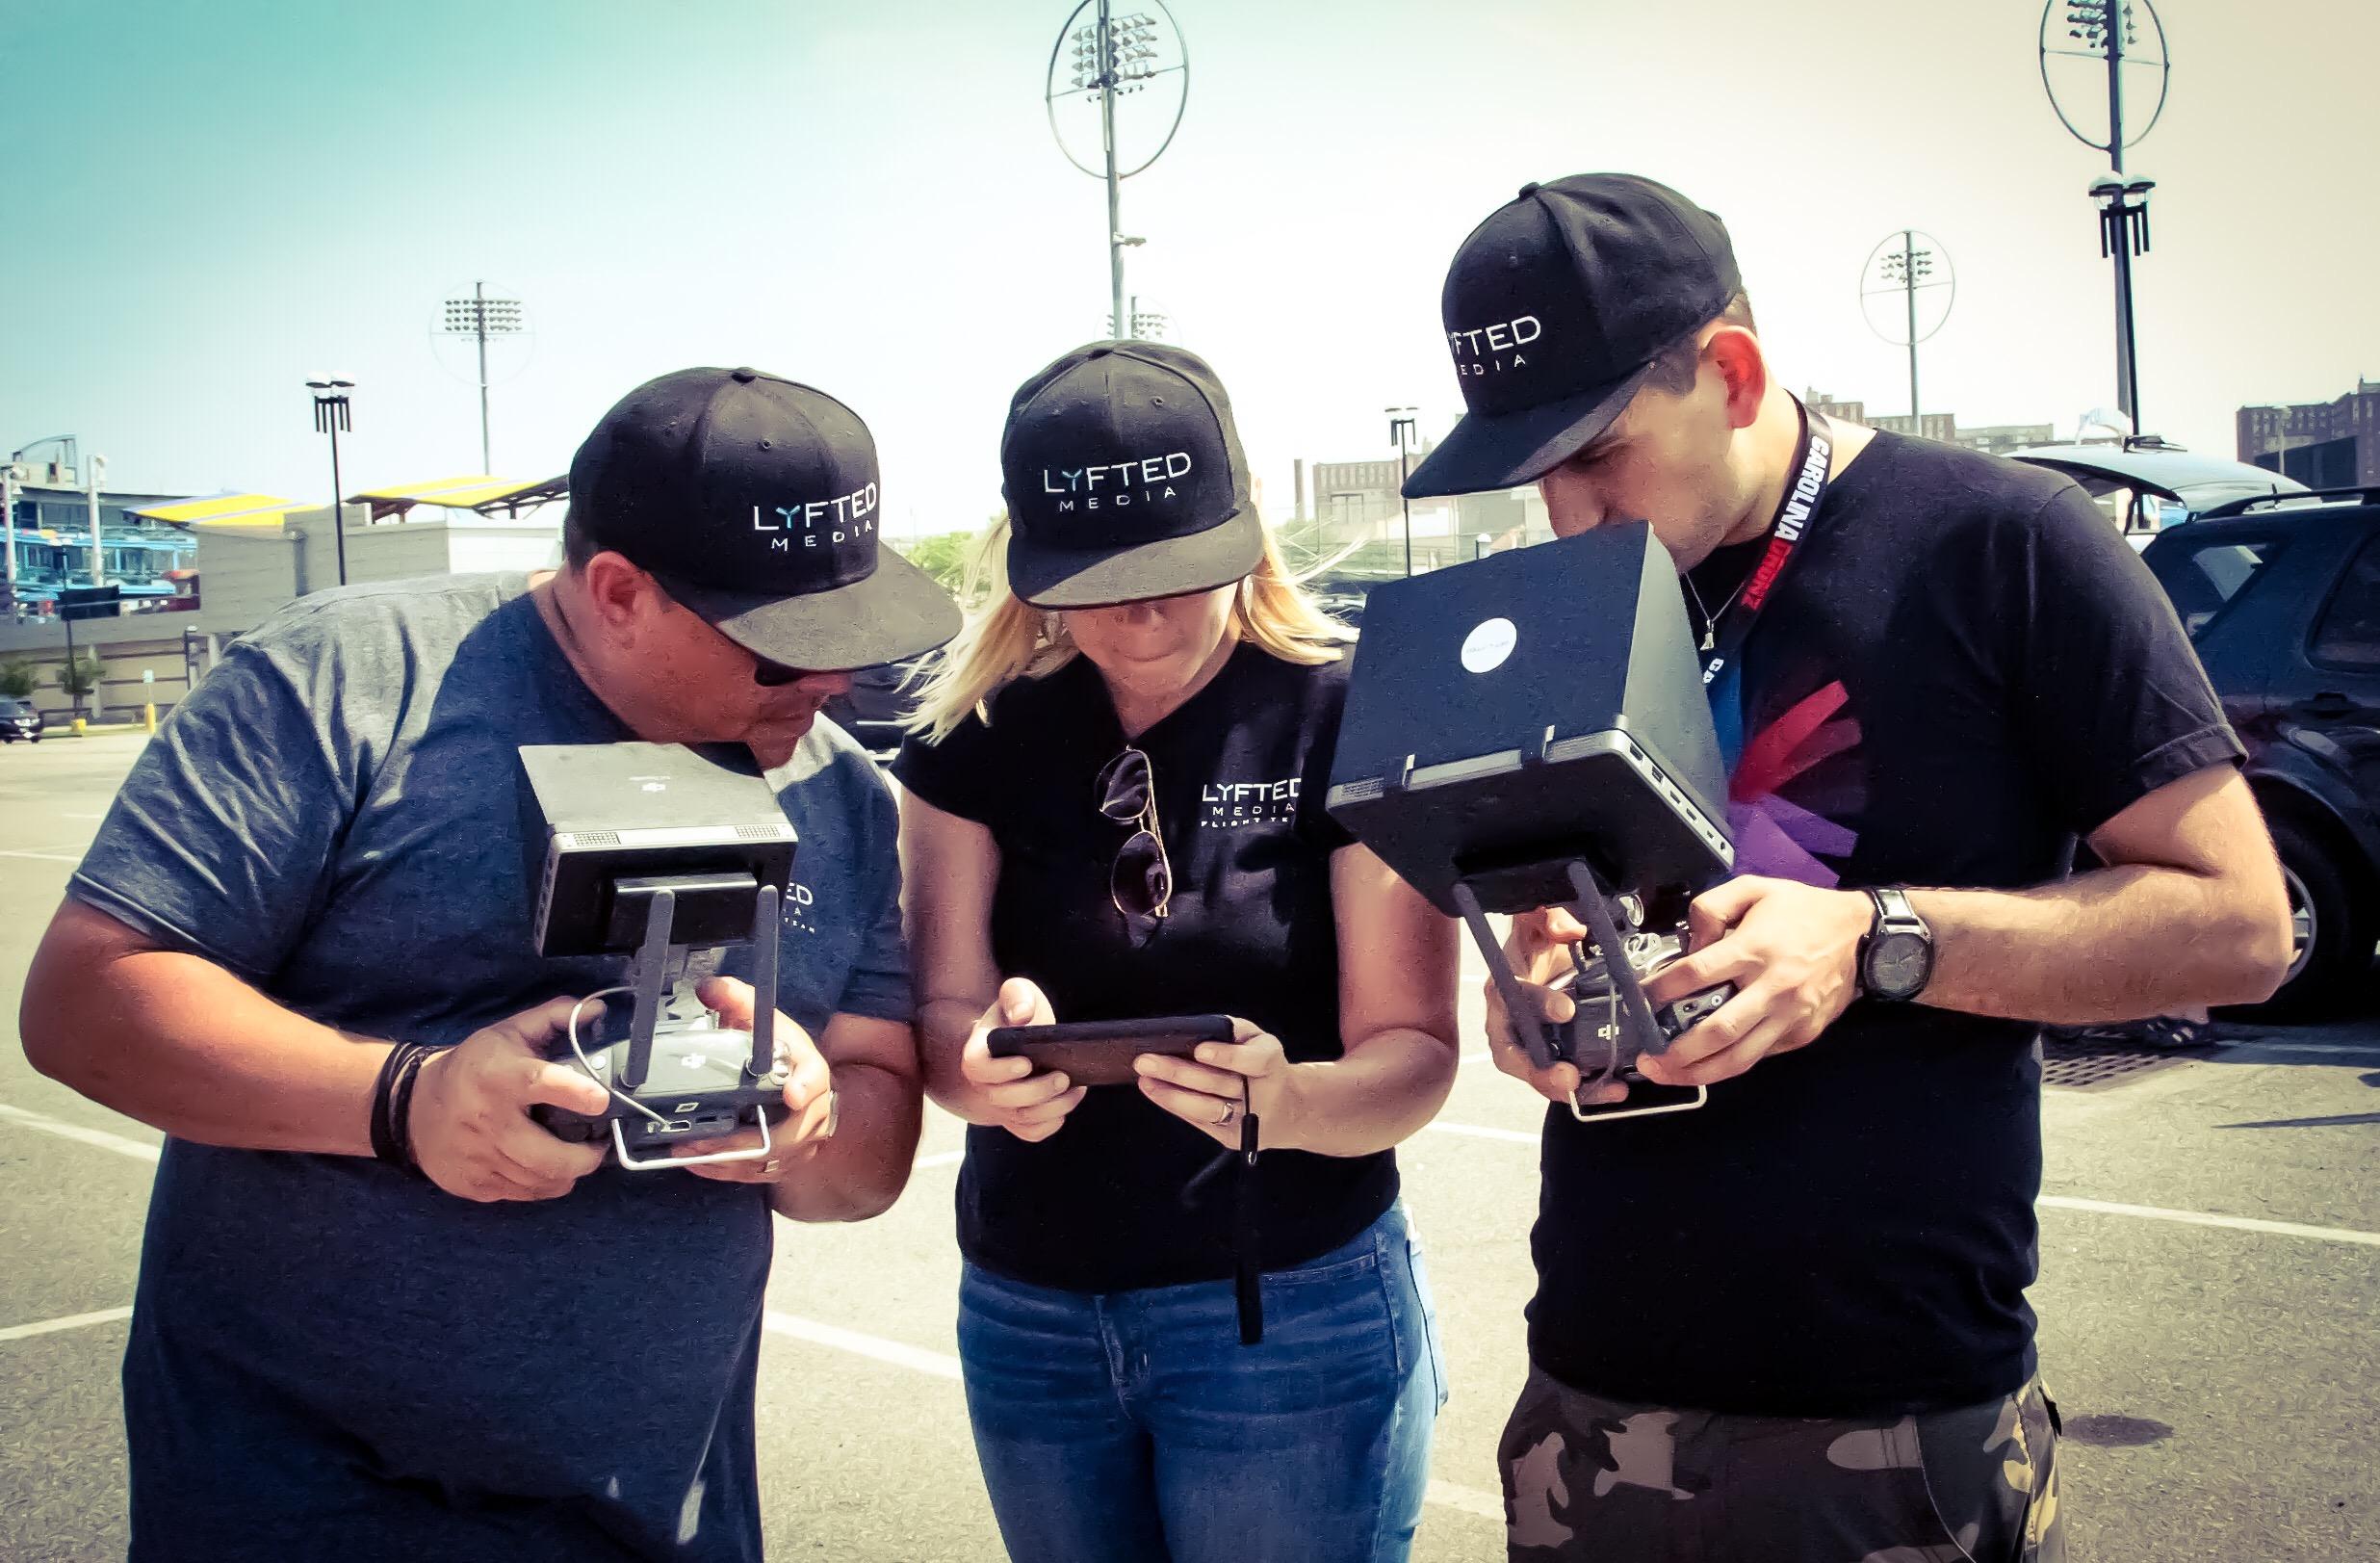 Teamwork LYFTED MEDIA Flight Team at work!.jpeg